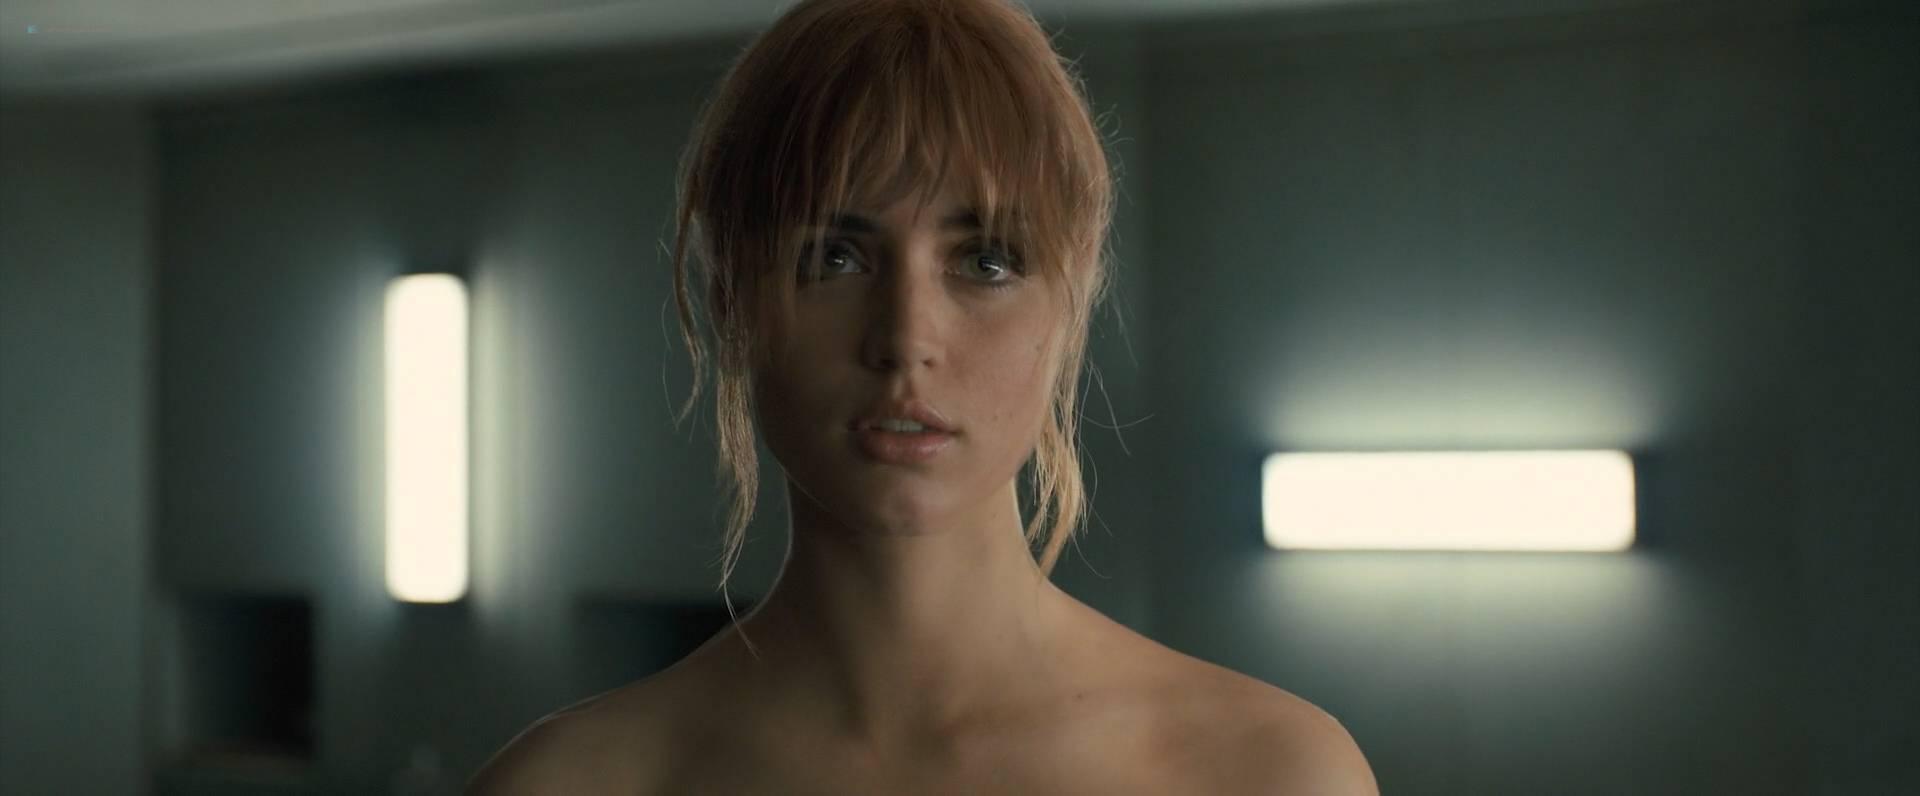 Mackenzie davis nude scene photo